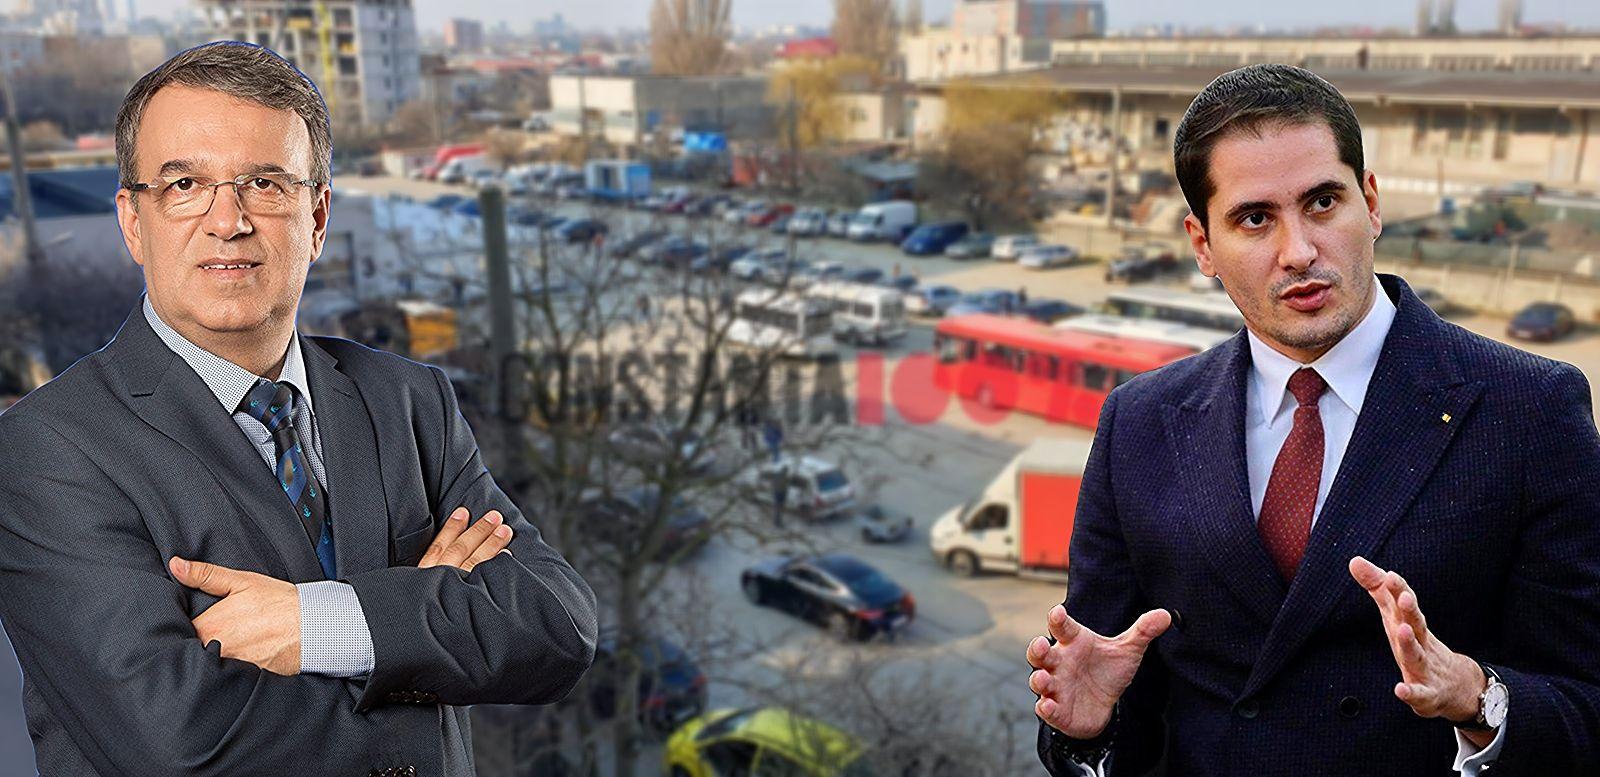 Primarul Vegil Chițac și fostul viceprimar Costin Răsăuțeanu își aduc acuzații, hotărârile sunt nelegale, problemele constănțenilor persistă